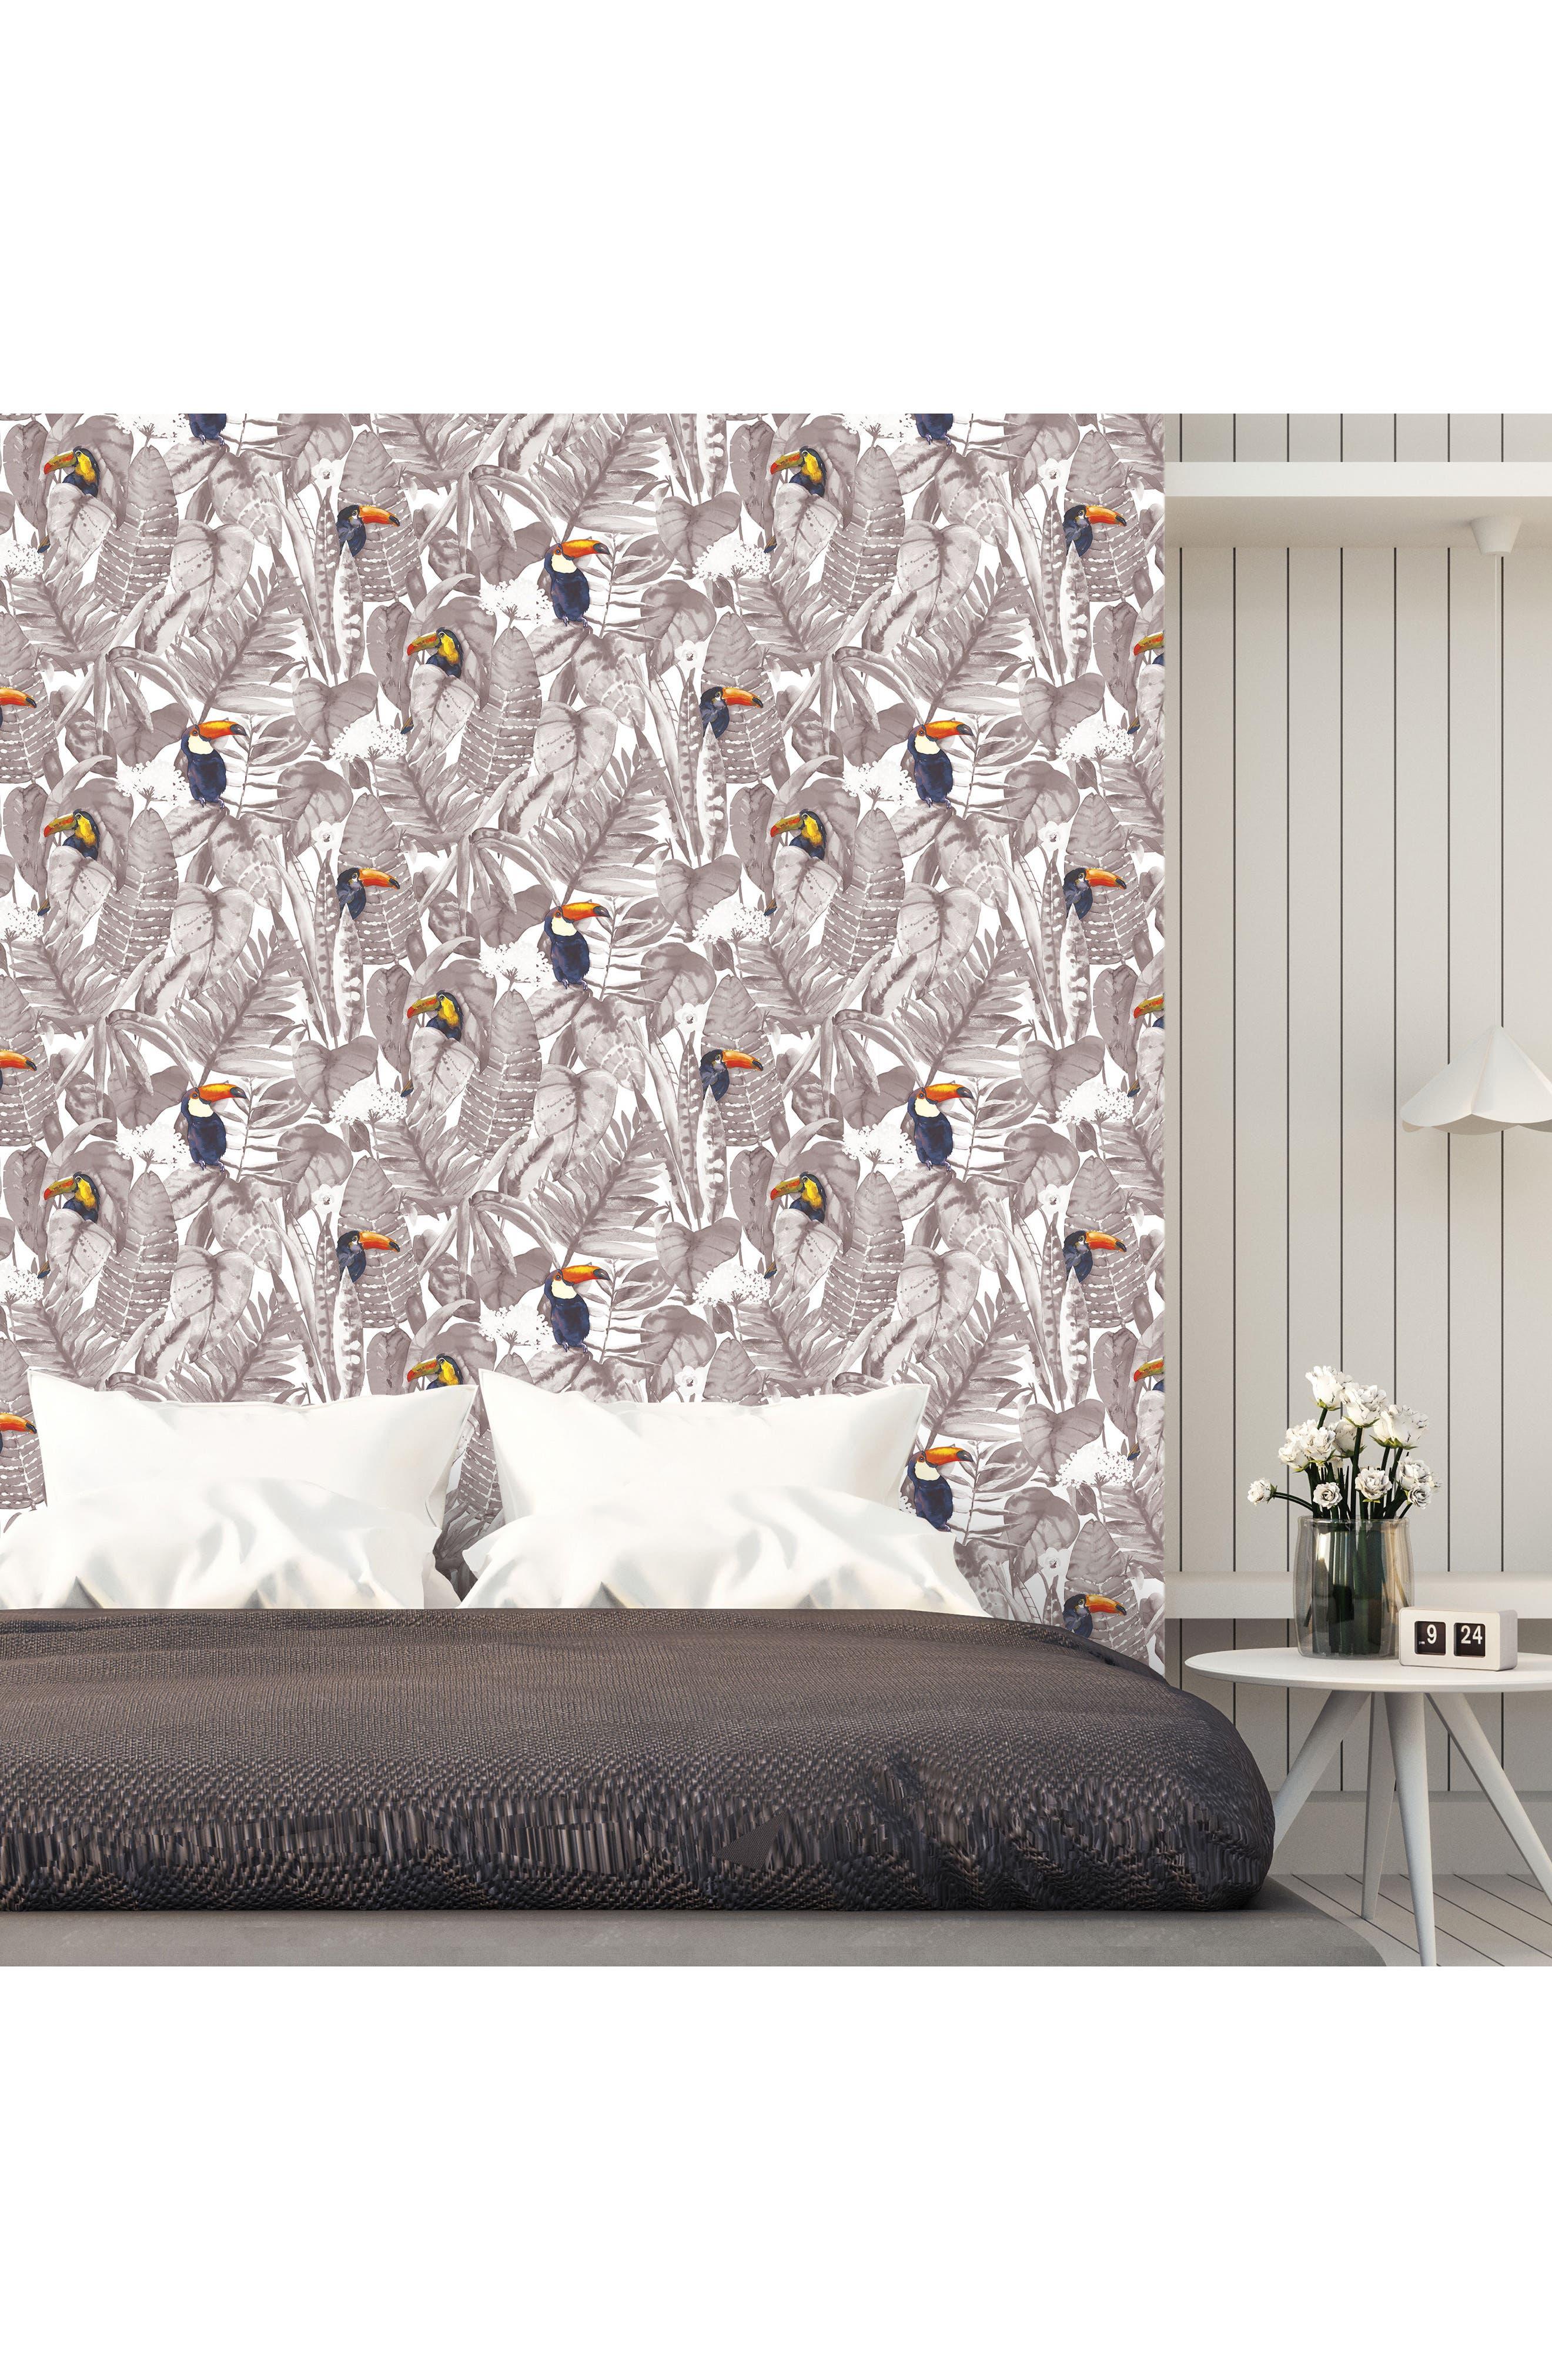 Toucan Self-Adhesive Vinyl Wallpaper,                             Alternate thumbnail 2, color,                             020